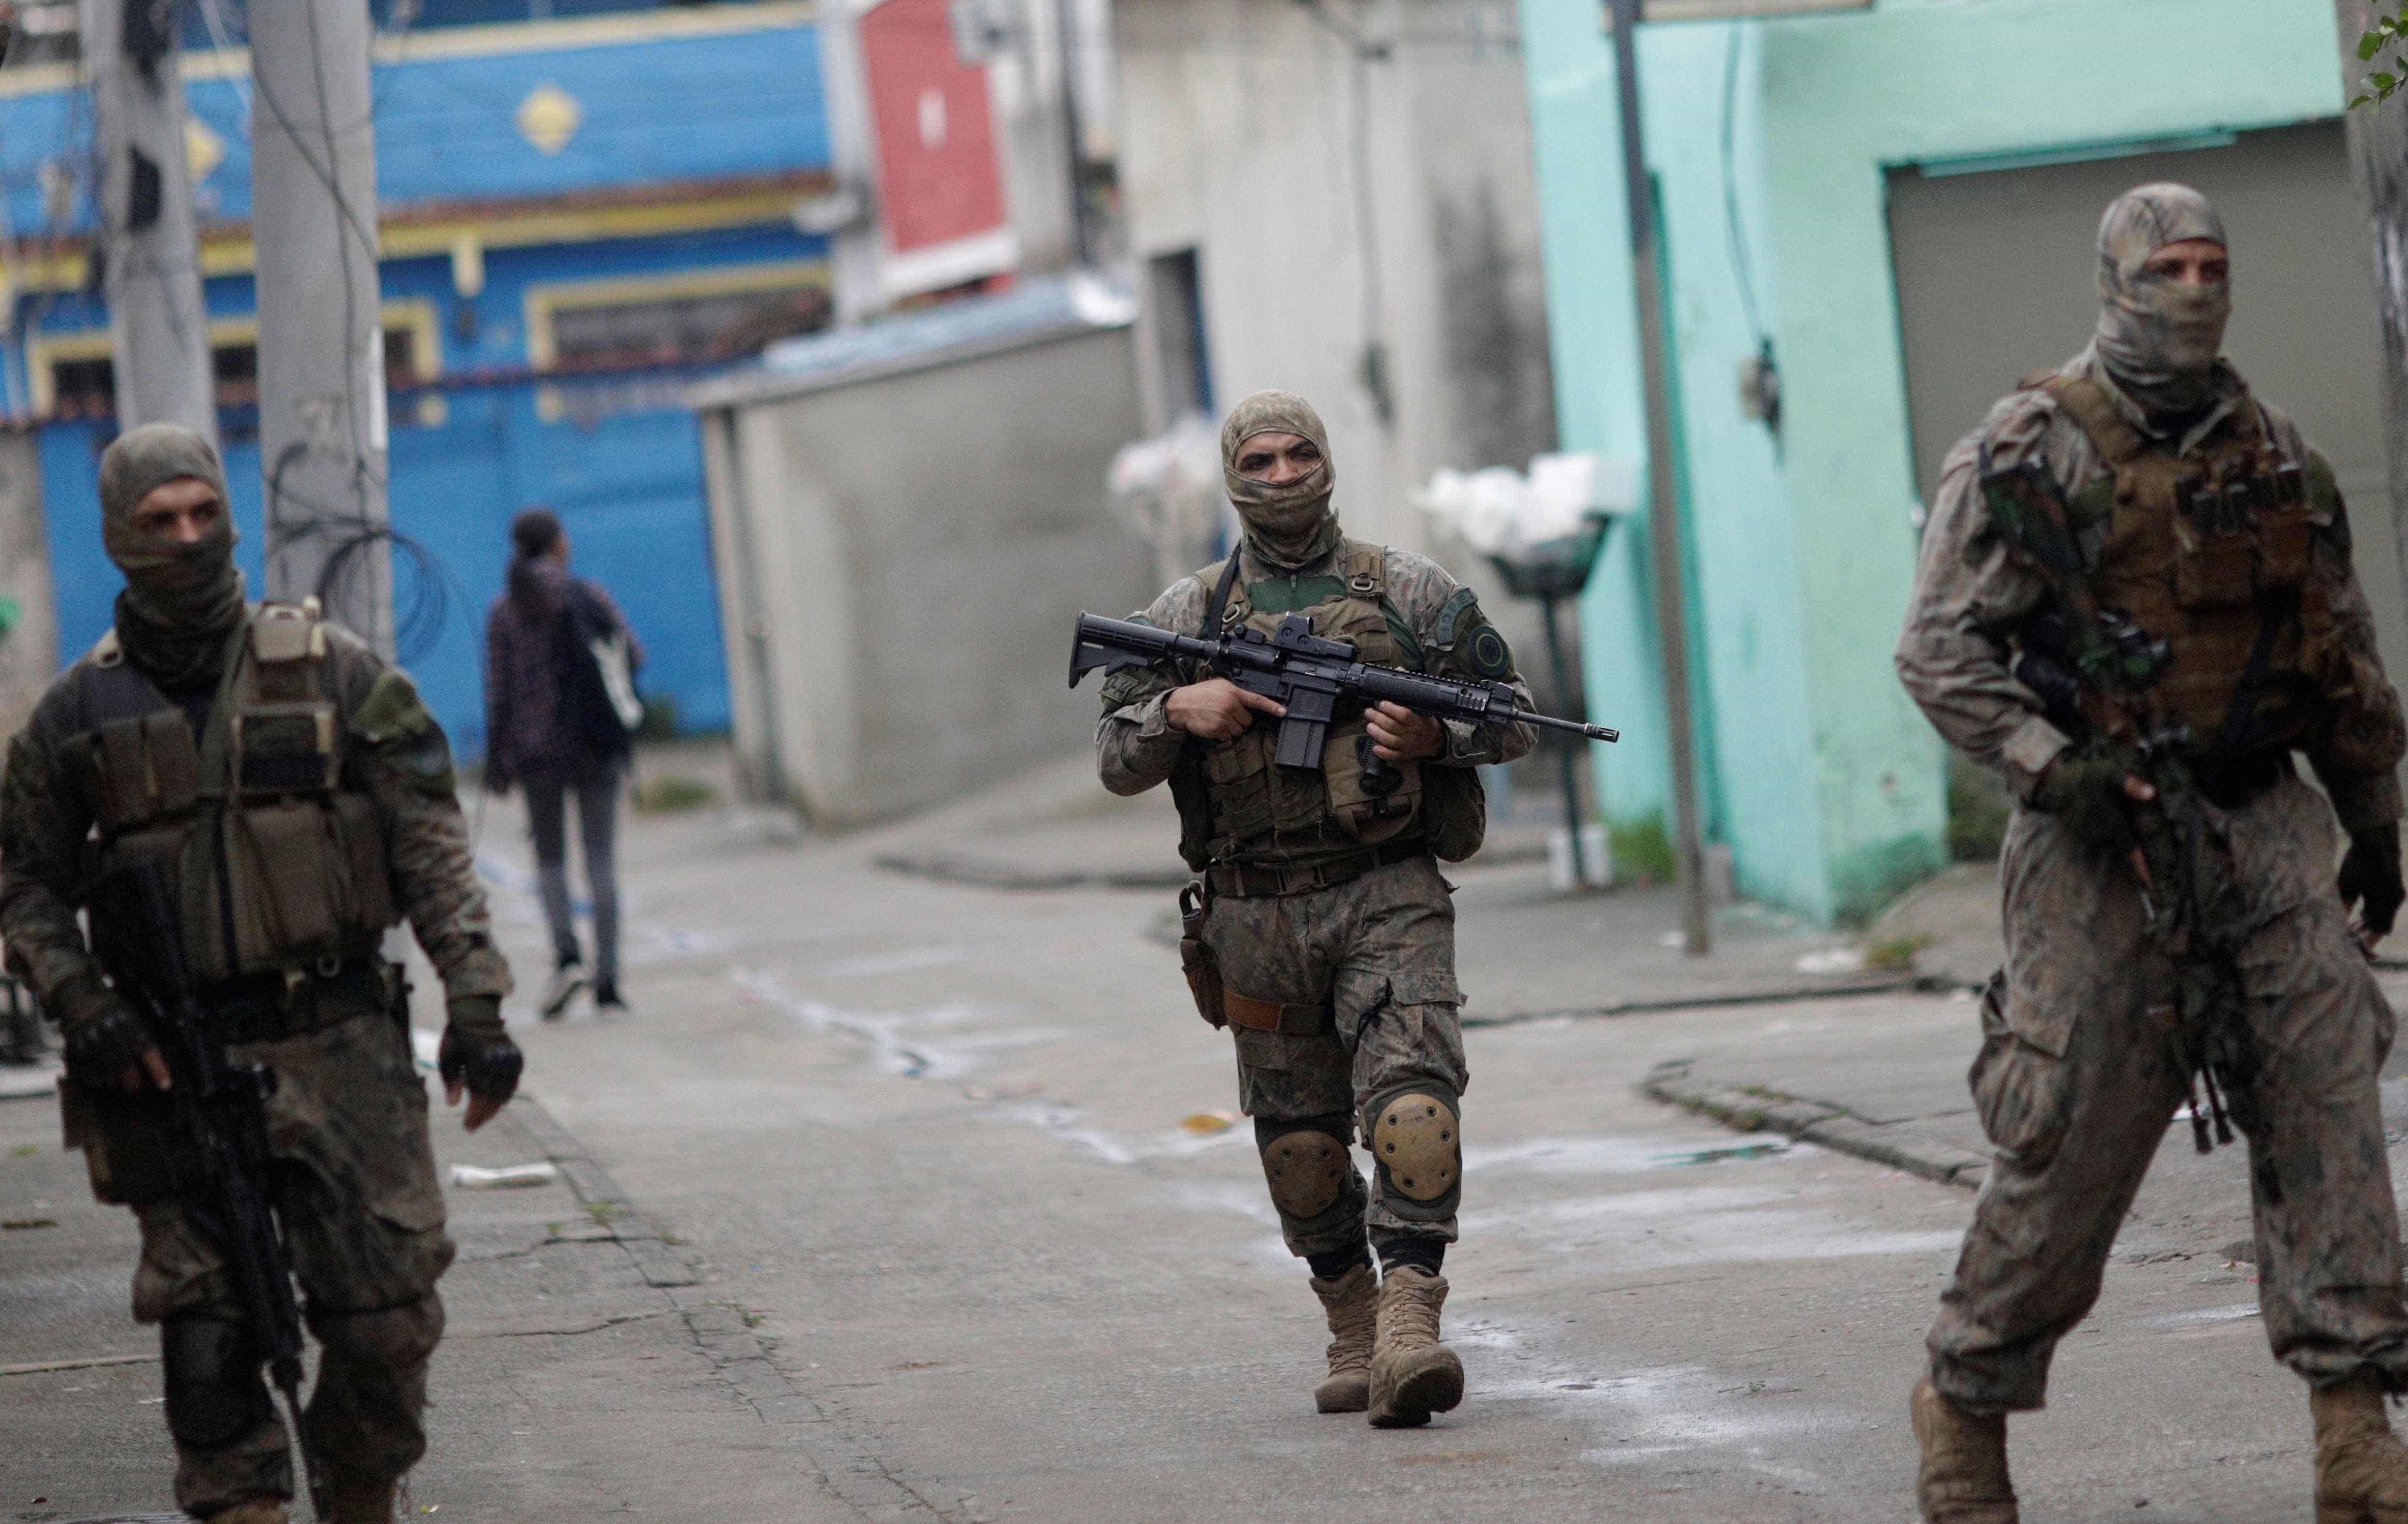 Intervenção federal no Rio cria 'QG da compra' para gastar R$ 1 bilhão